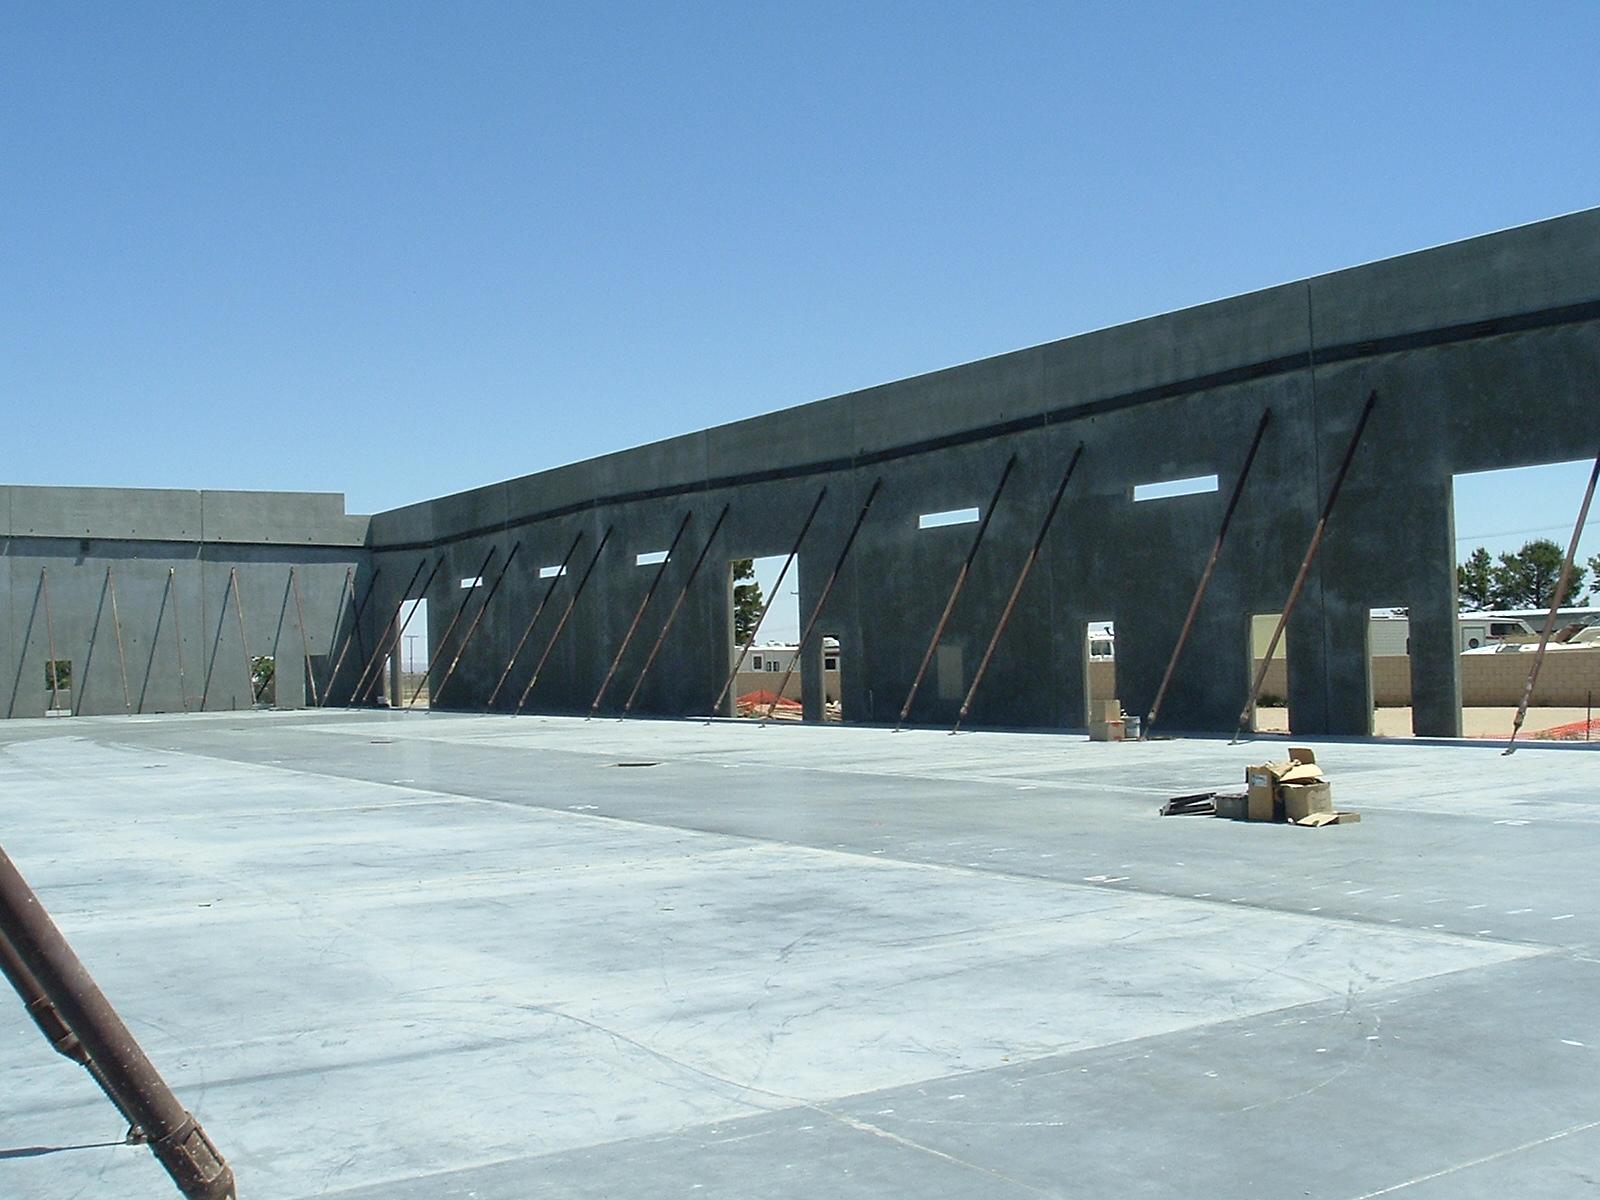 Industrial Concrete - DSCF2049